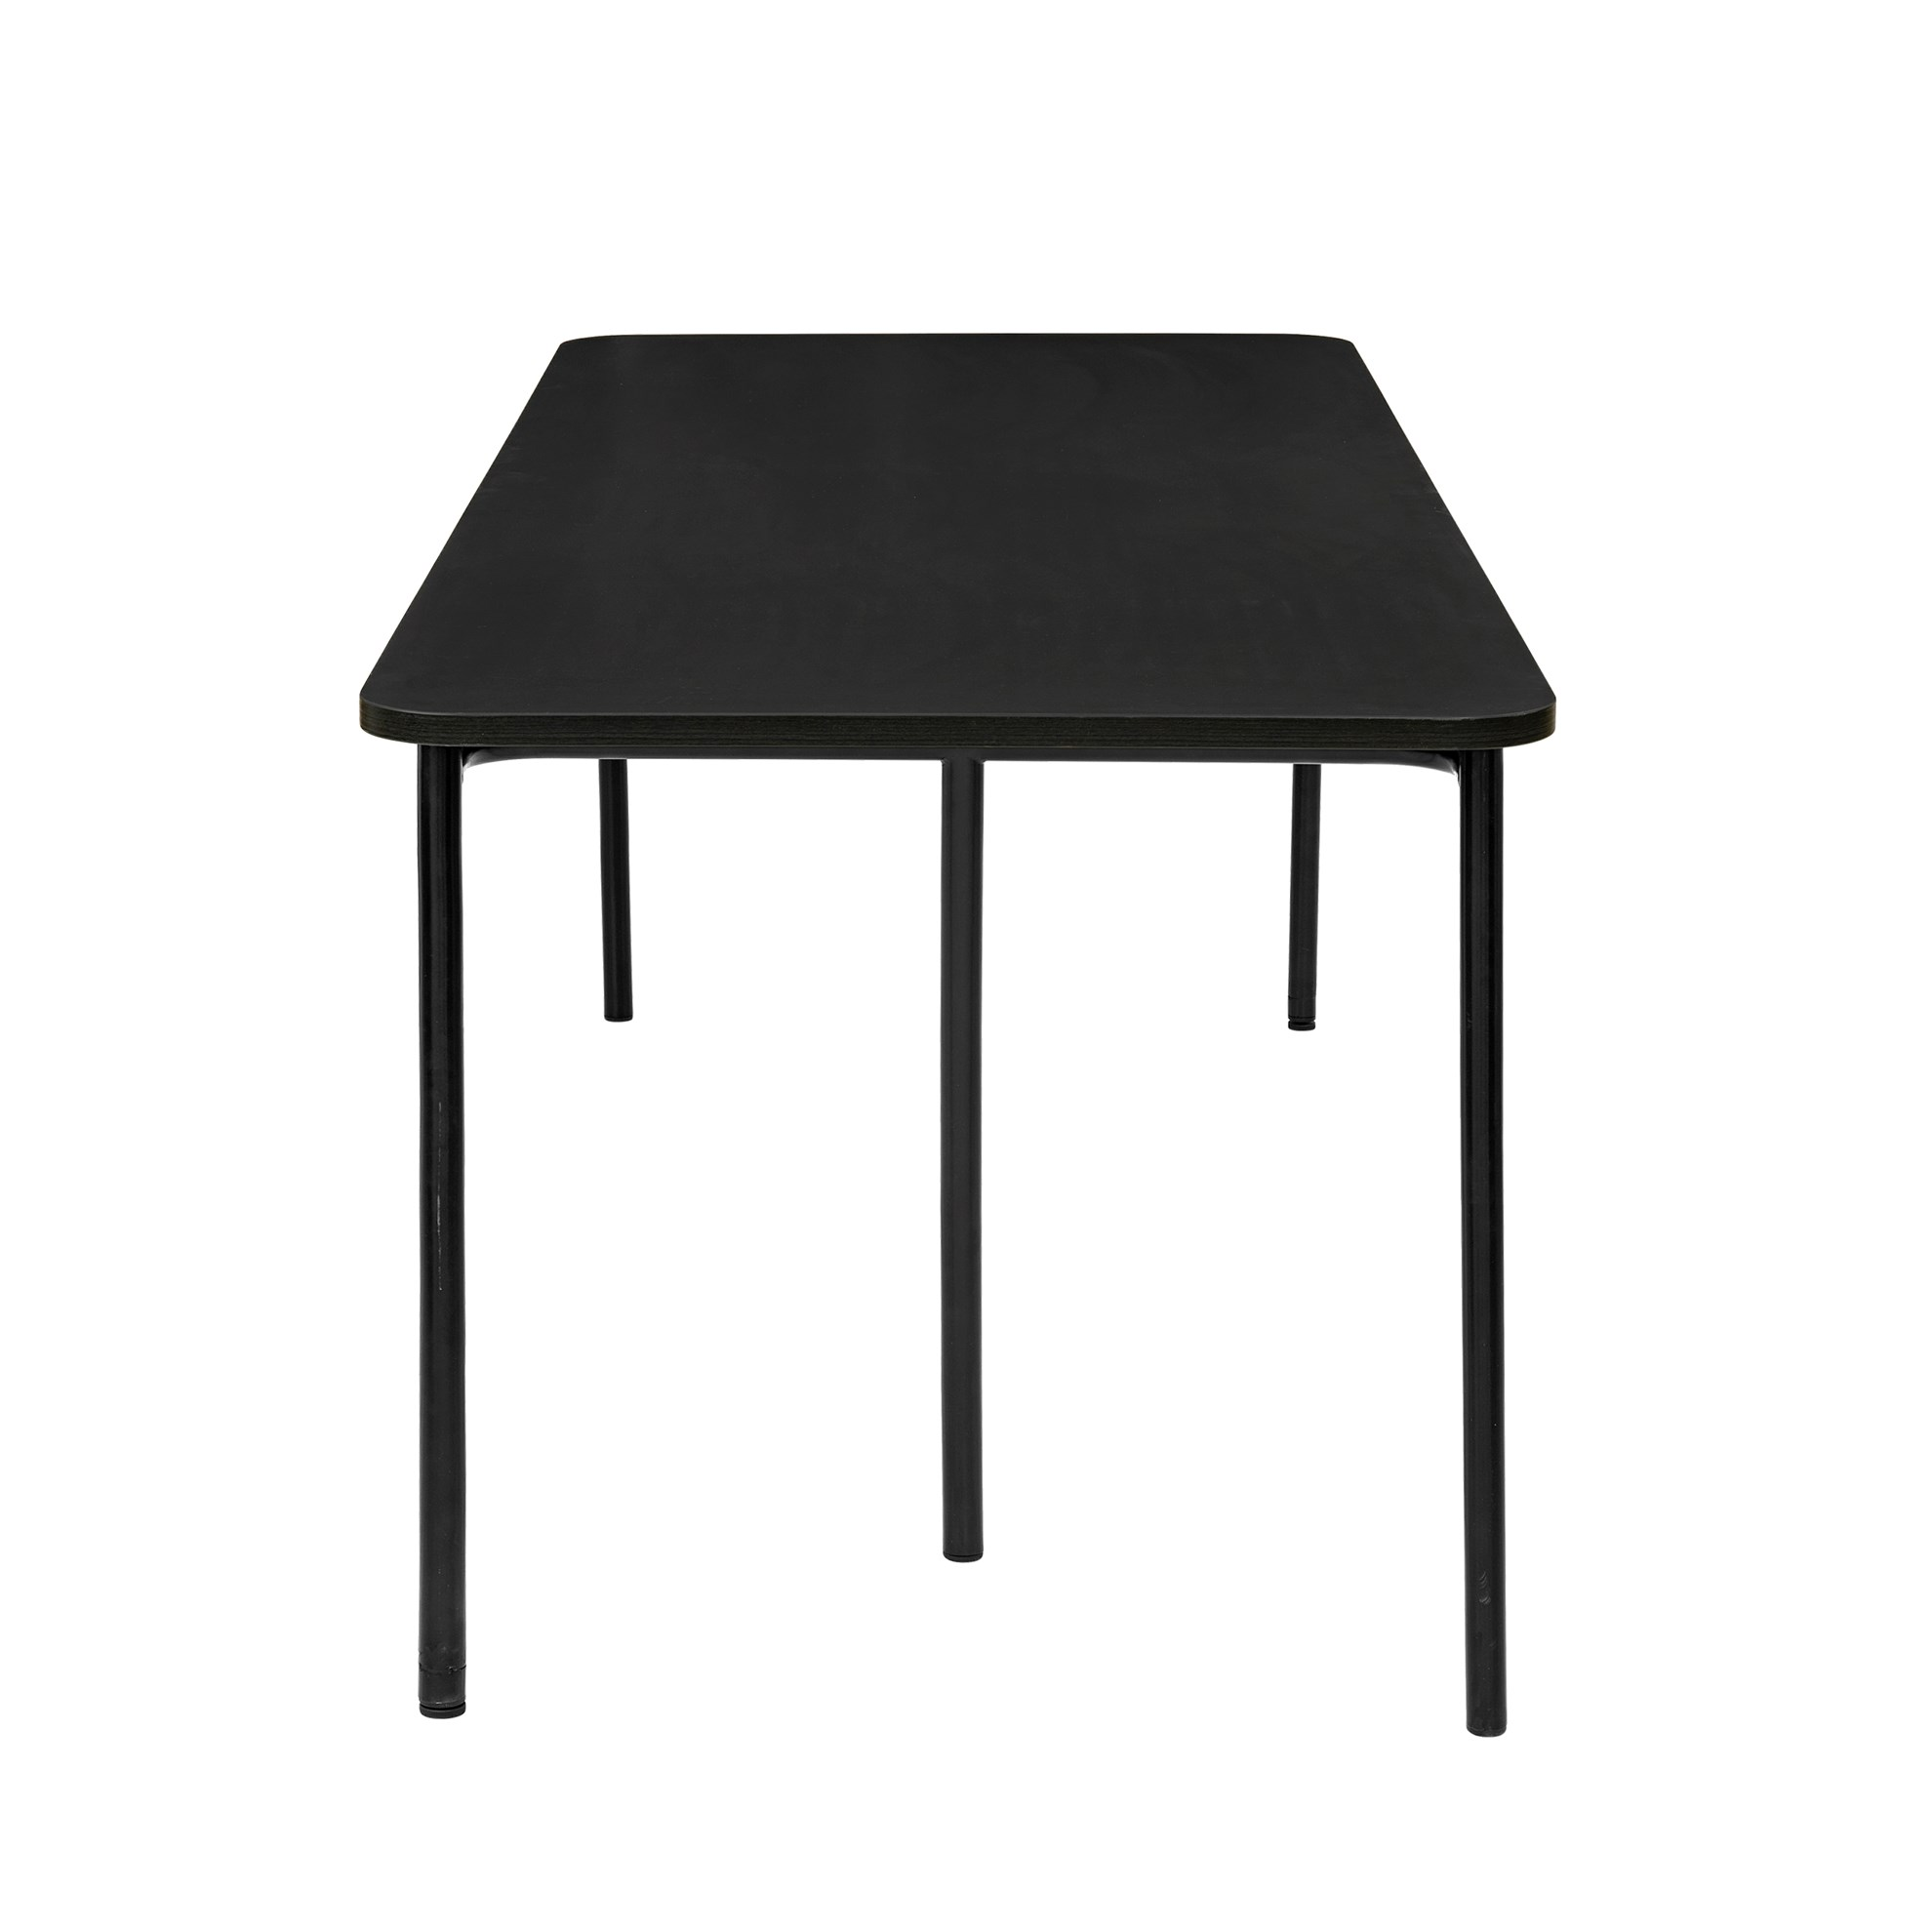 Deska pro jídelní stůl MOON LAMINATE (pouze deska)_0